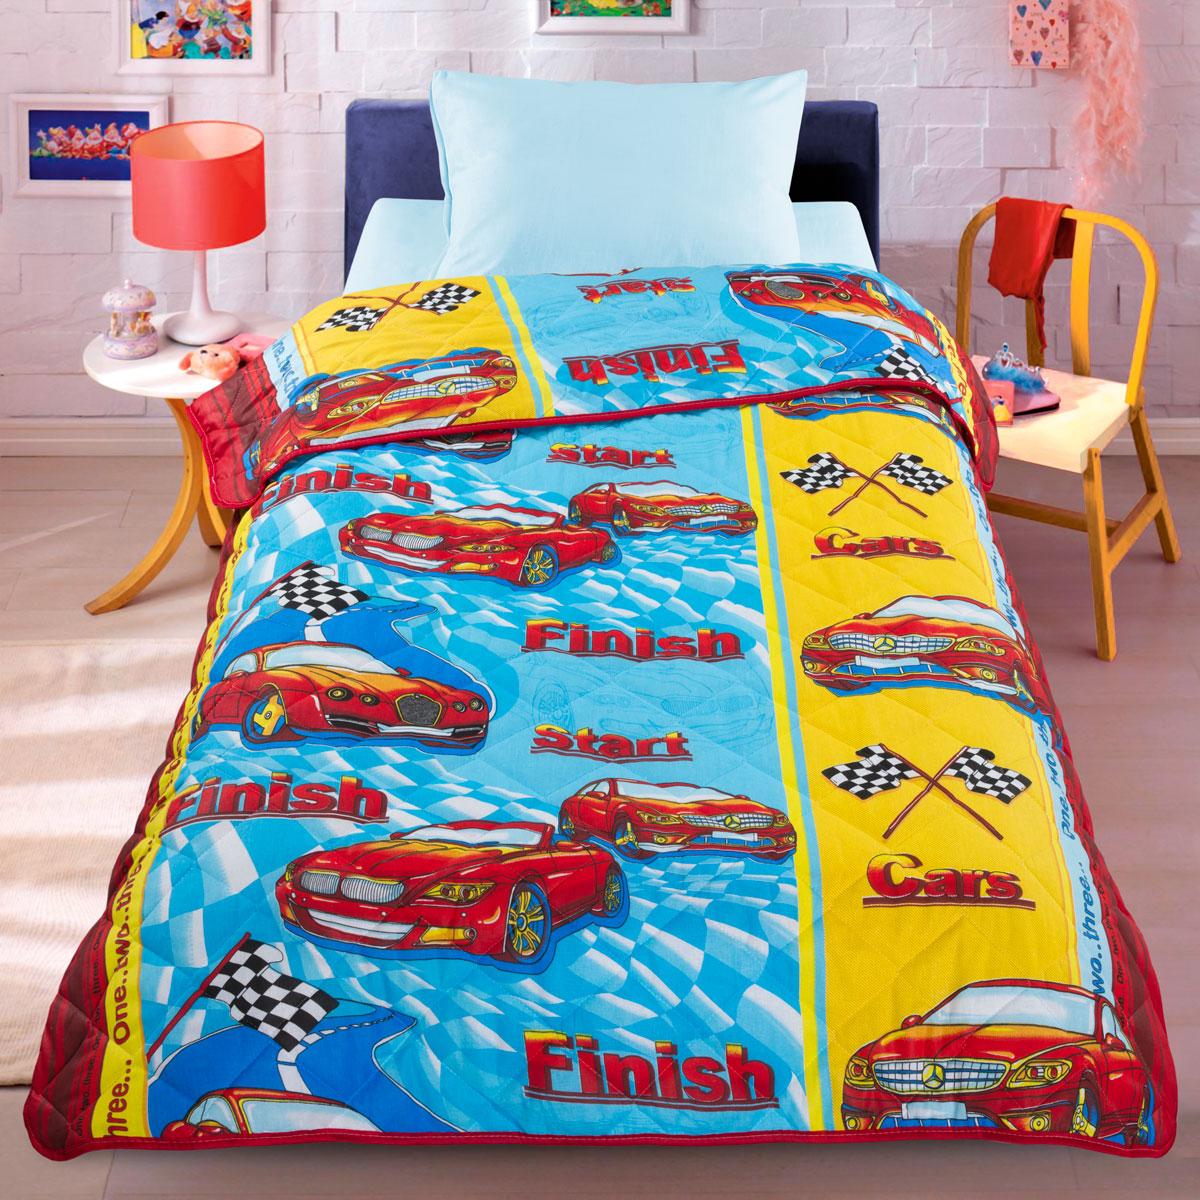 Letto Одеяло детское Раллиrally110Легкое оригинальное покрывало в чехле будет радовать вашего малыша в течение всего года. Сидеть на таком покрывале будет приятно и комфортно - ведь оно выполнено из 100% хлопка. К тому же одеяло можно использовать и как одеяло на детскую кровать. Наполнитель - силиконизированное волокно. Вашему ребенку не будет жарко под таким одеялом, а это значит от не будет раскрываться. Оно подлежит машинной стирке при температуре 30 гр., строго на деликатном режиме.